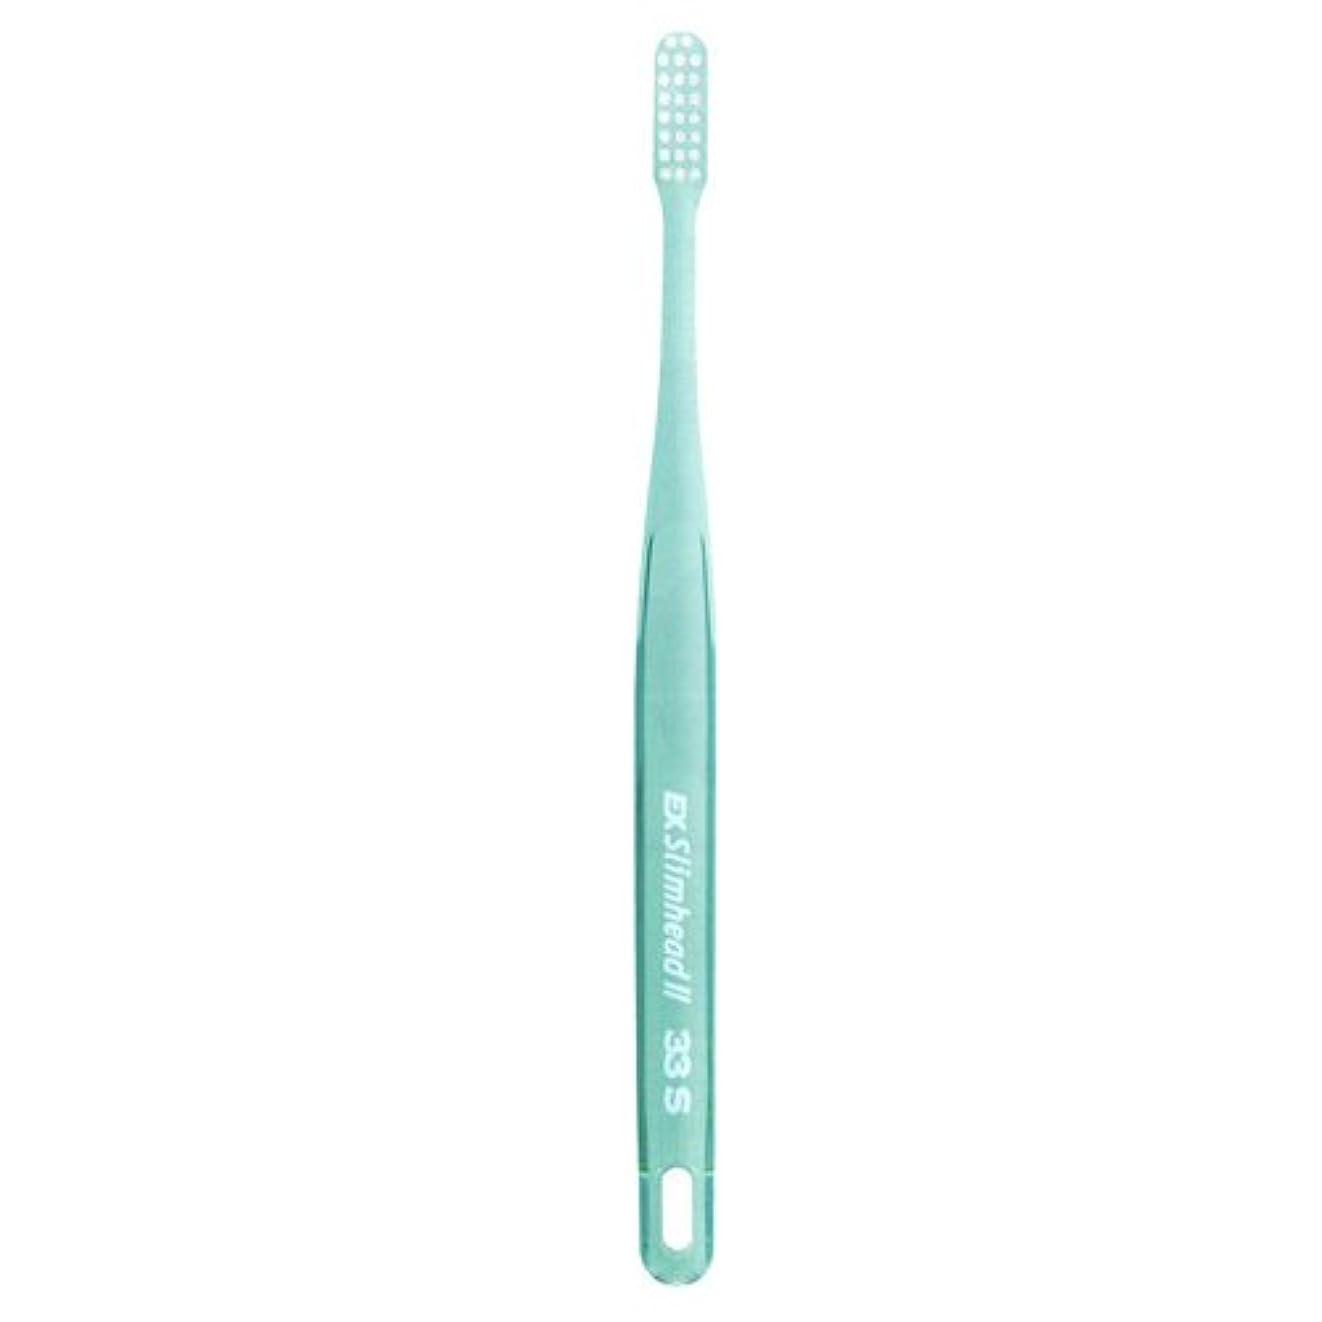 援助する韓国語ご飯ライオン スリムヘッド2 歯ブラシ DENT . EX Slimhead2 1本 33M クリアグリーン